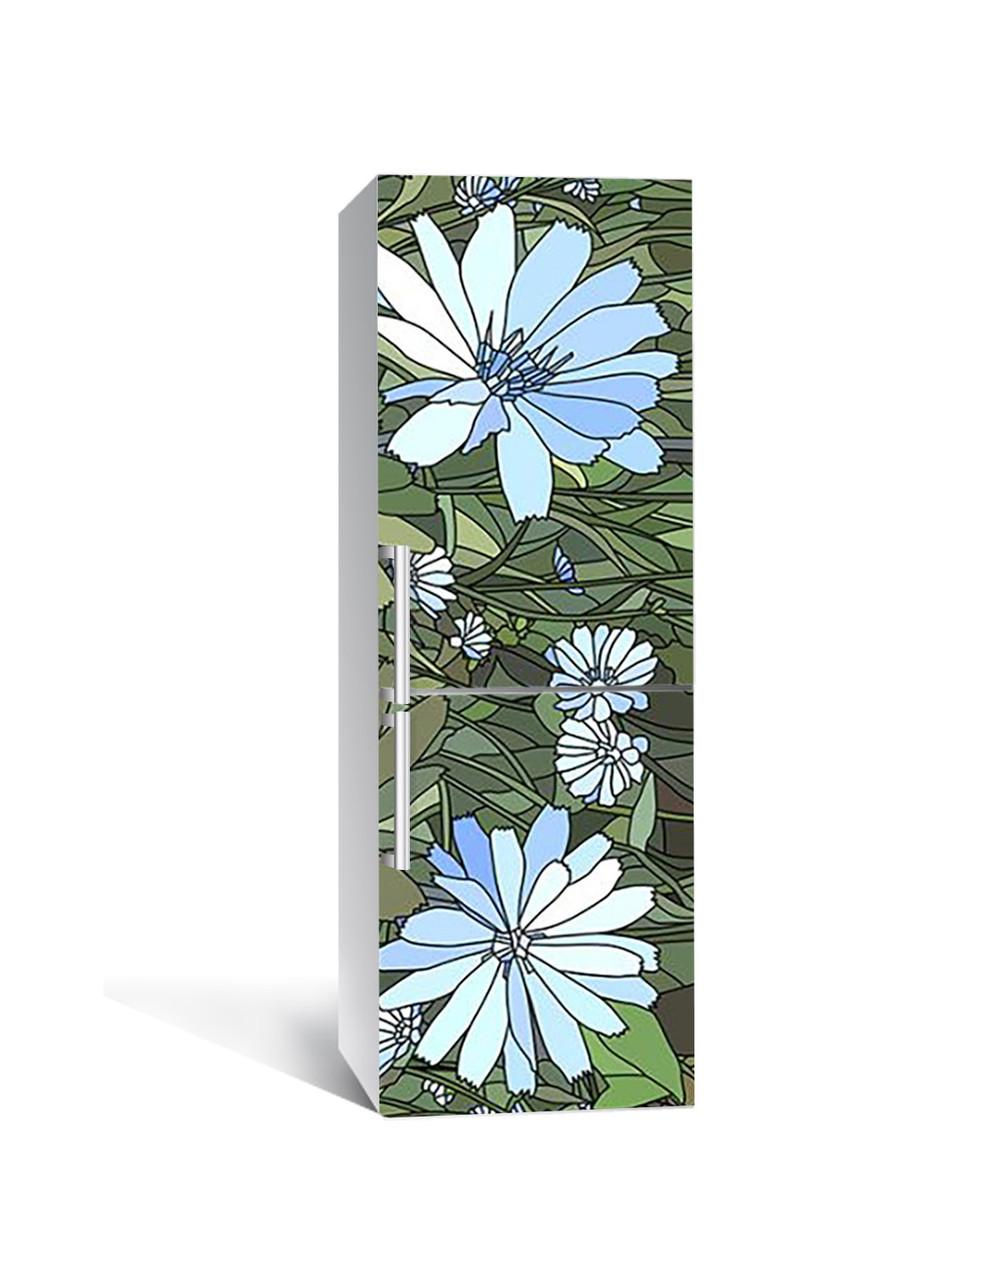 Виниловая 3Д наклейка на холодильник Голубые Цветы витраж (ПВХ пленка самоклеющаяся) трава Зеленый 650*2000 мм